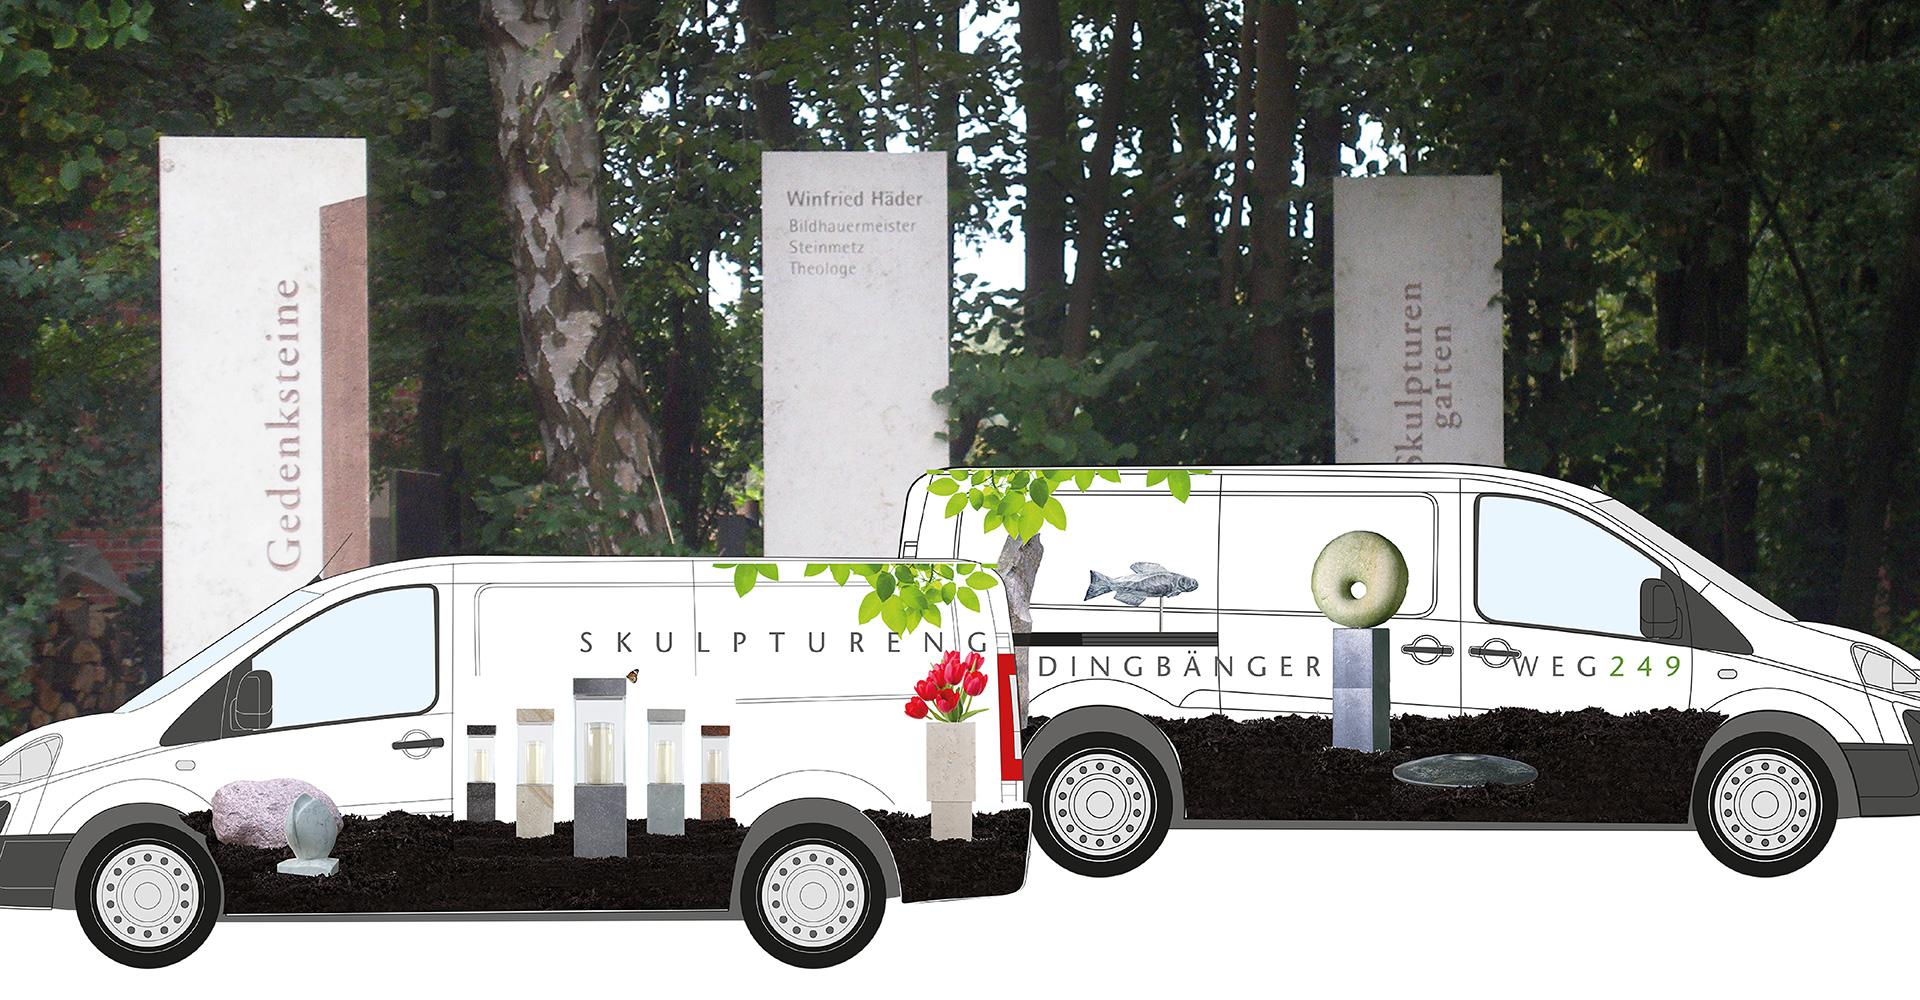 Skulpturengarten4